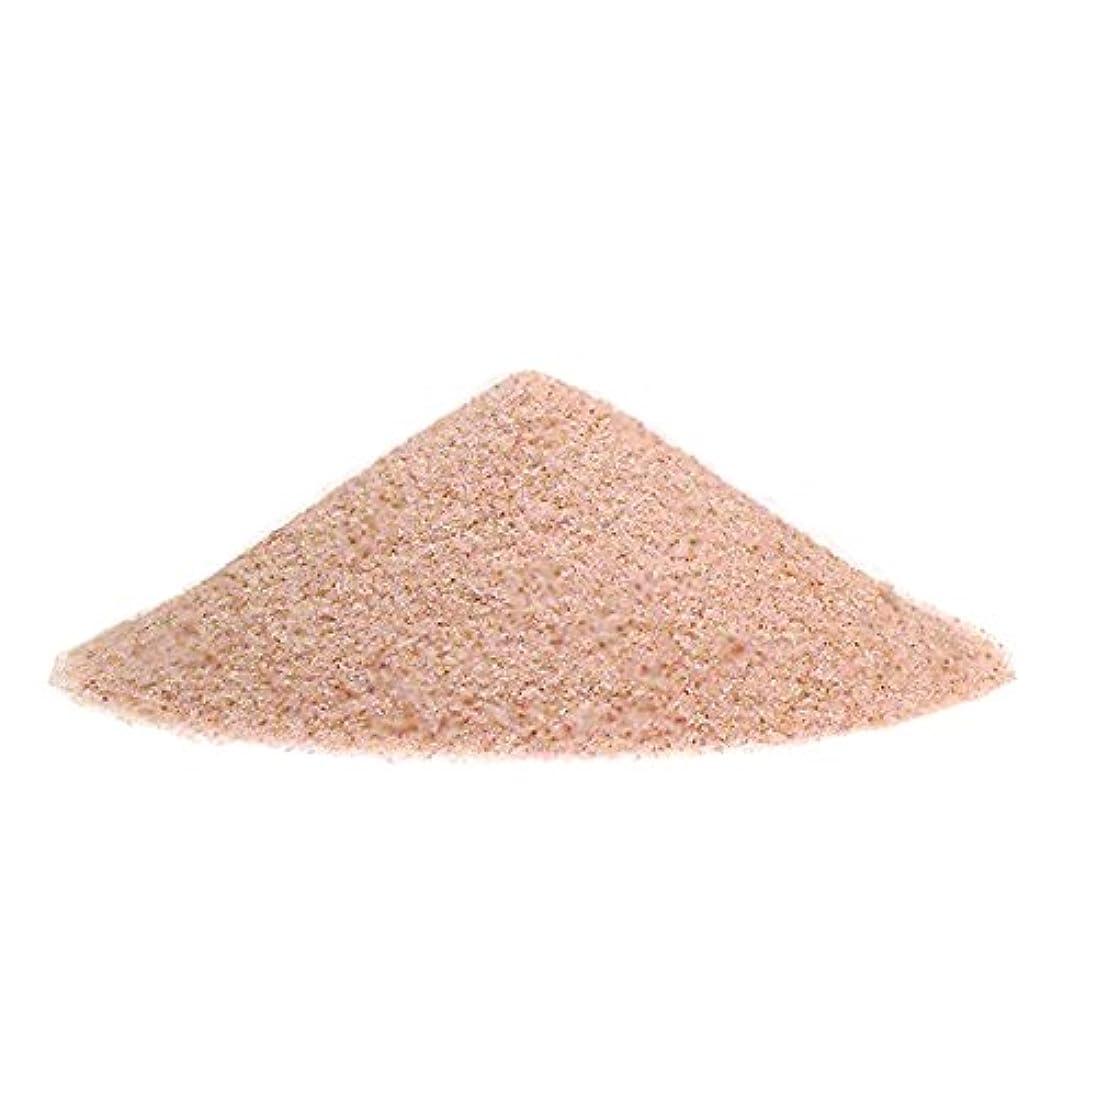 驚いたことにコットン空いている増量中!ヒマラヤ岩塩 ピンクソルト 入浴用 バスソルト(微粒パウダー) ピンク岩塩 (1kg+増量250g)